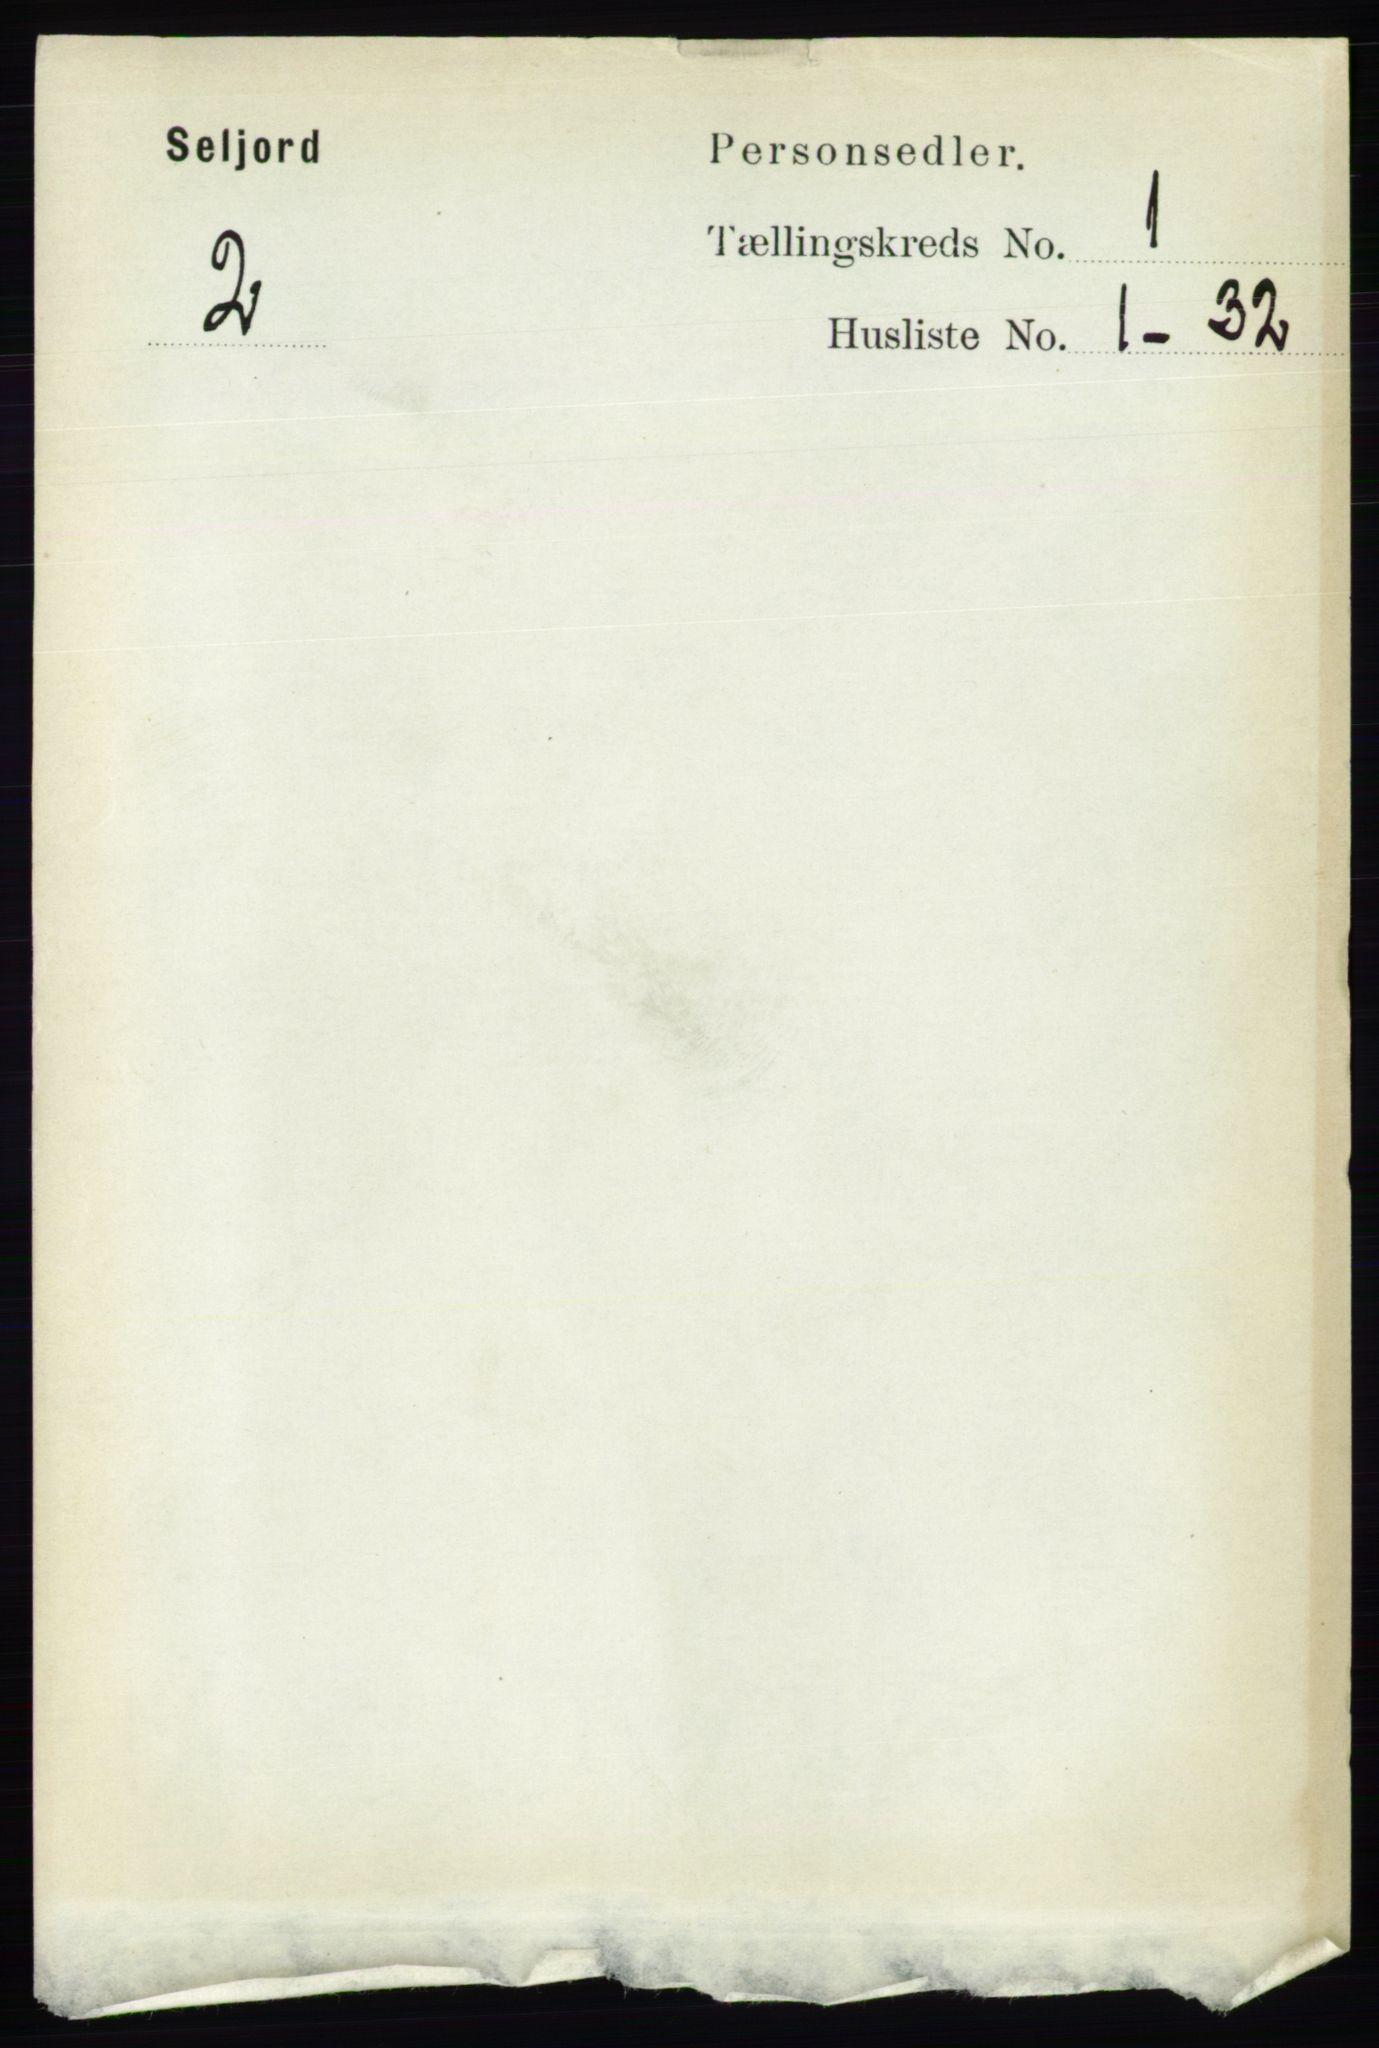 RA, Folketelling 1891 for 0828 Seljord herred, 1891, s. 106